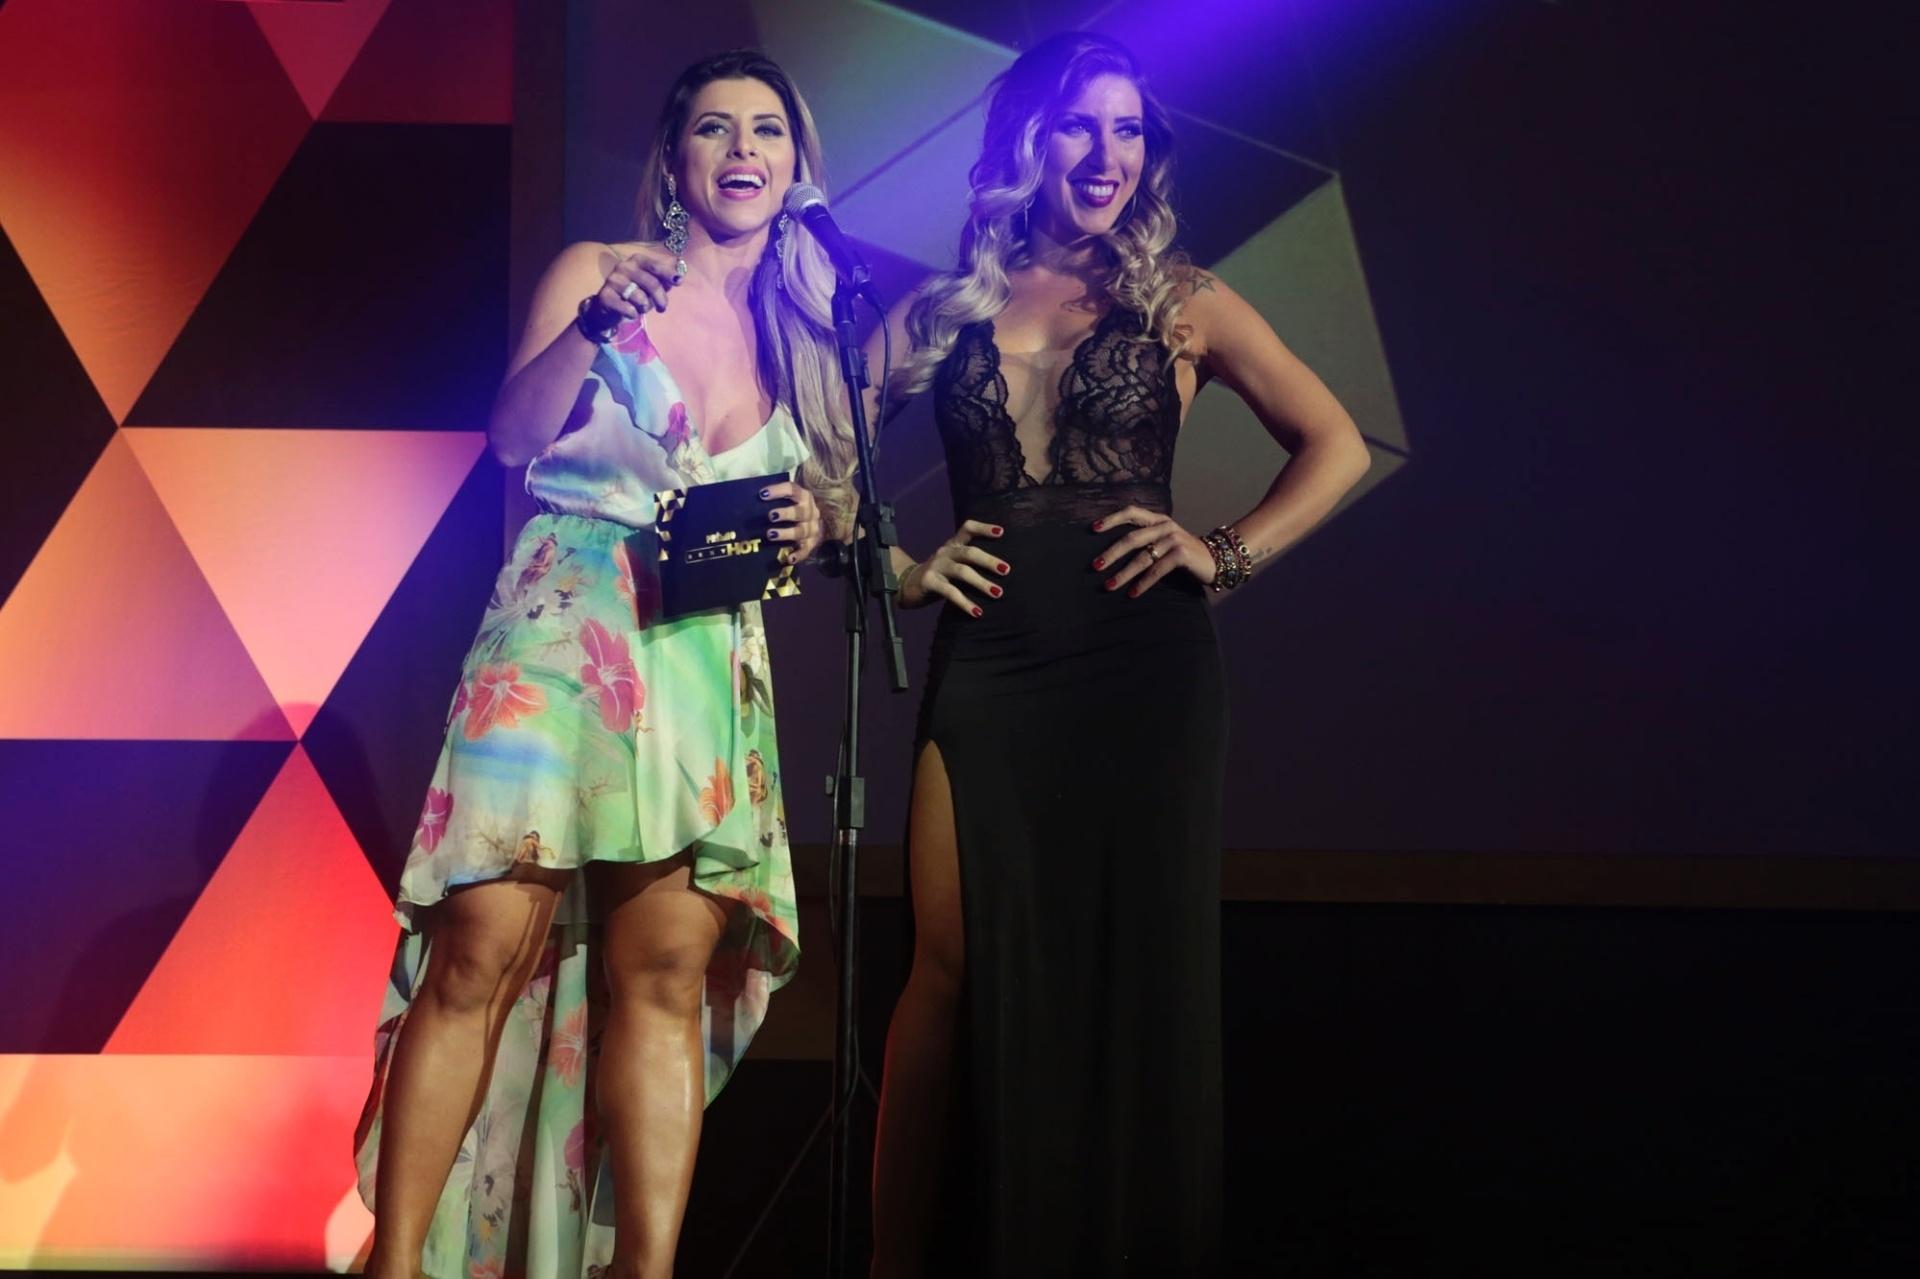 18.ago.2015 - Ana Paula e Tati Minerato apresentam uma categoria na segunda edição do prêmio Sexy Hot, que reconhece as melhores produções eróticas do Brasil, nesta terça-feira na Vila Olímpia em São Paulo